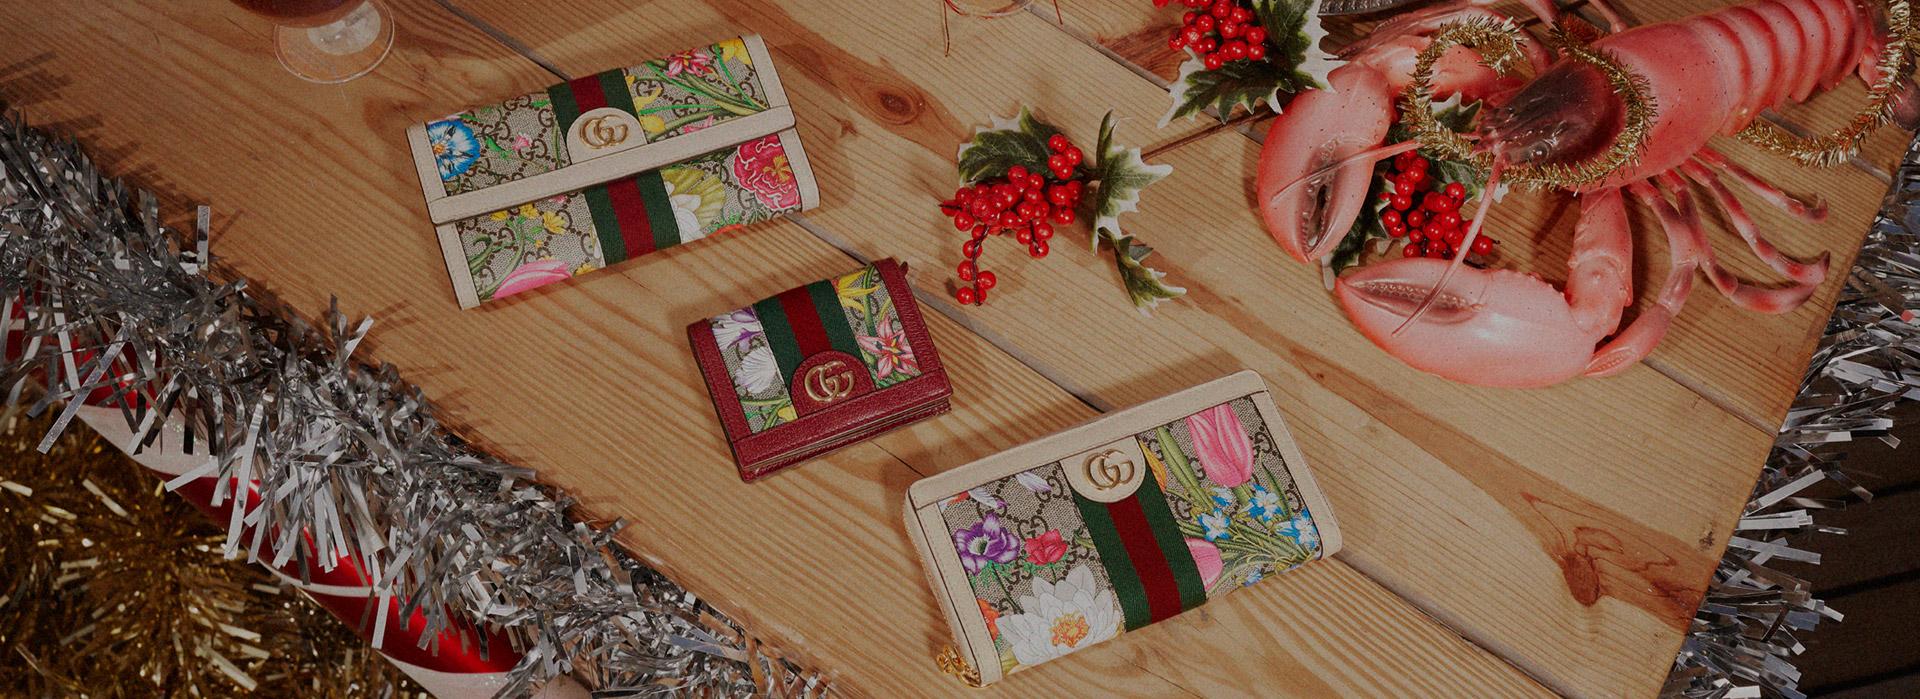 가을겨울 핸드백 컬렉션